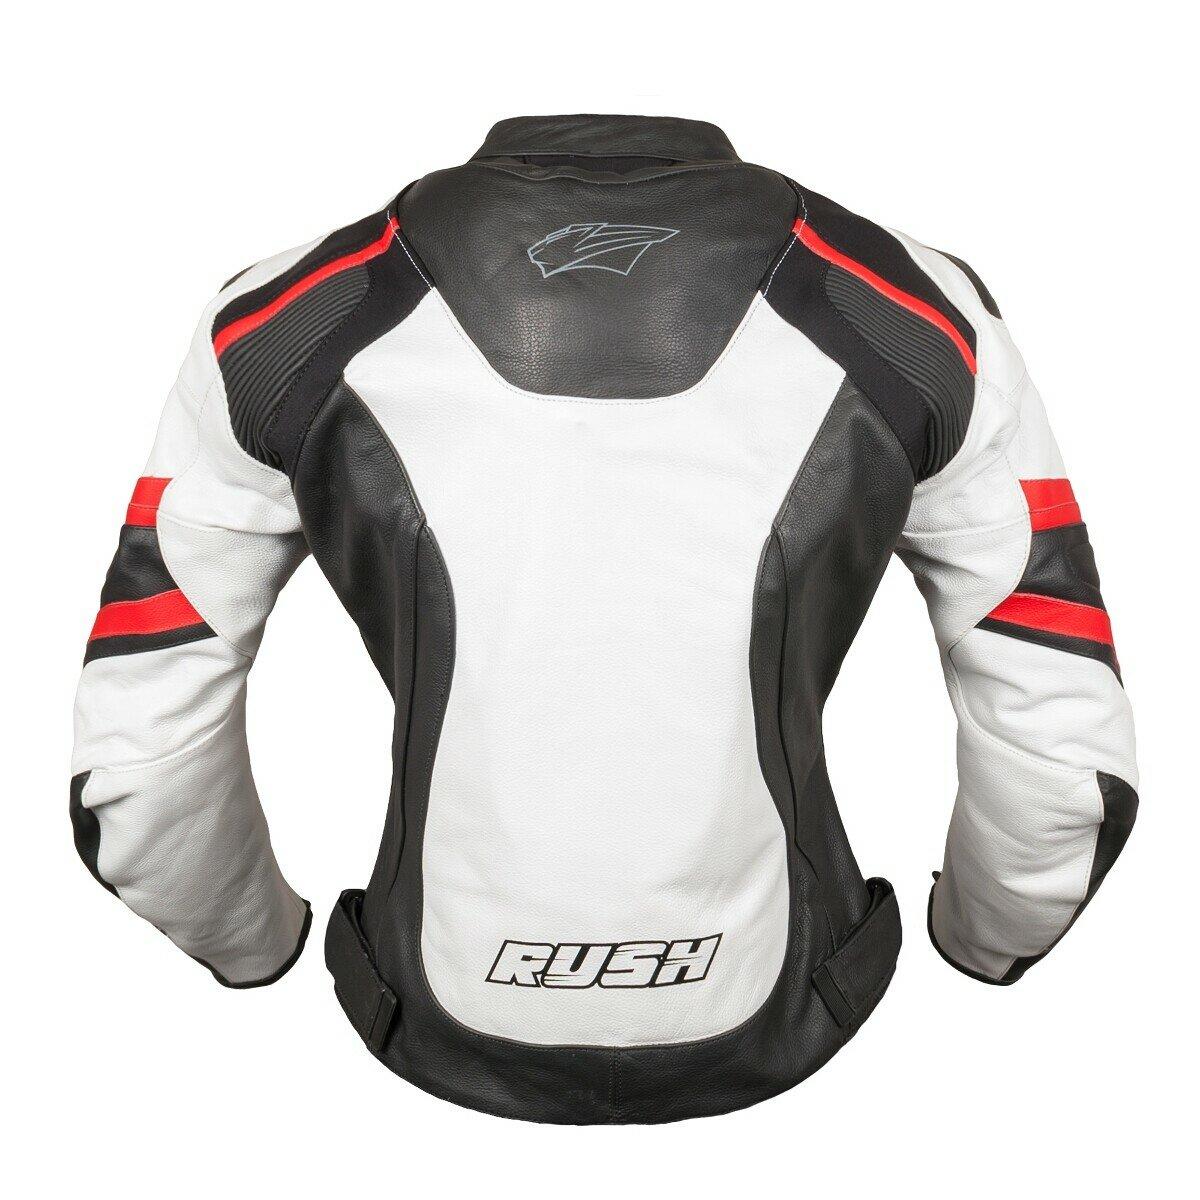 RUSH [RUSH] Мотокуртка BLAZE кожа, цвет Черный/Белый/Красный